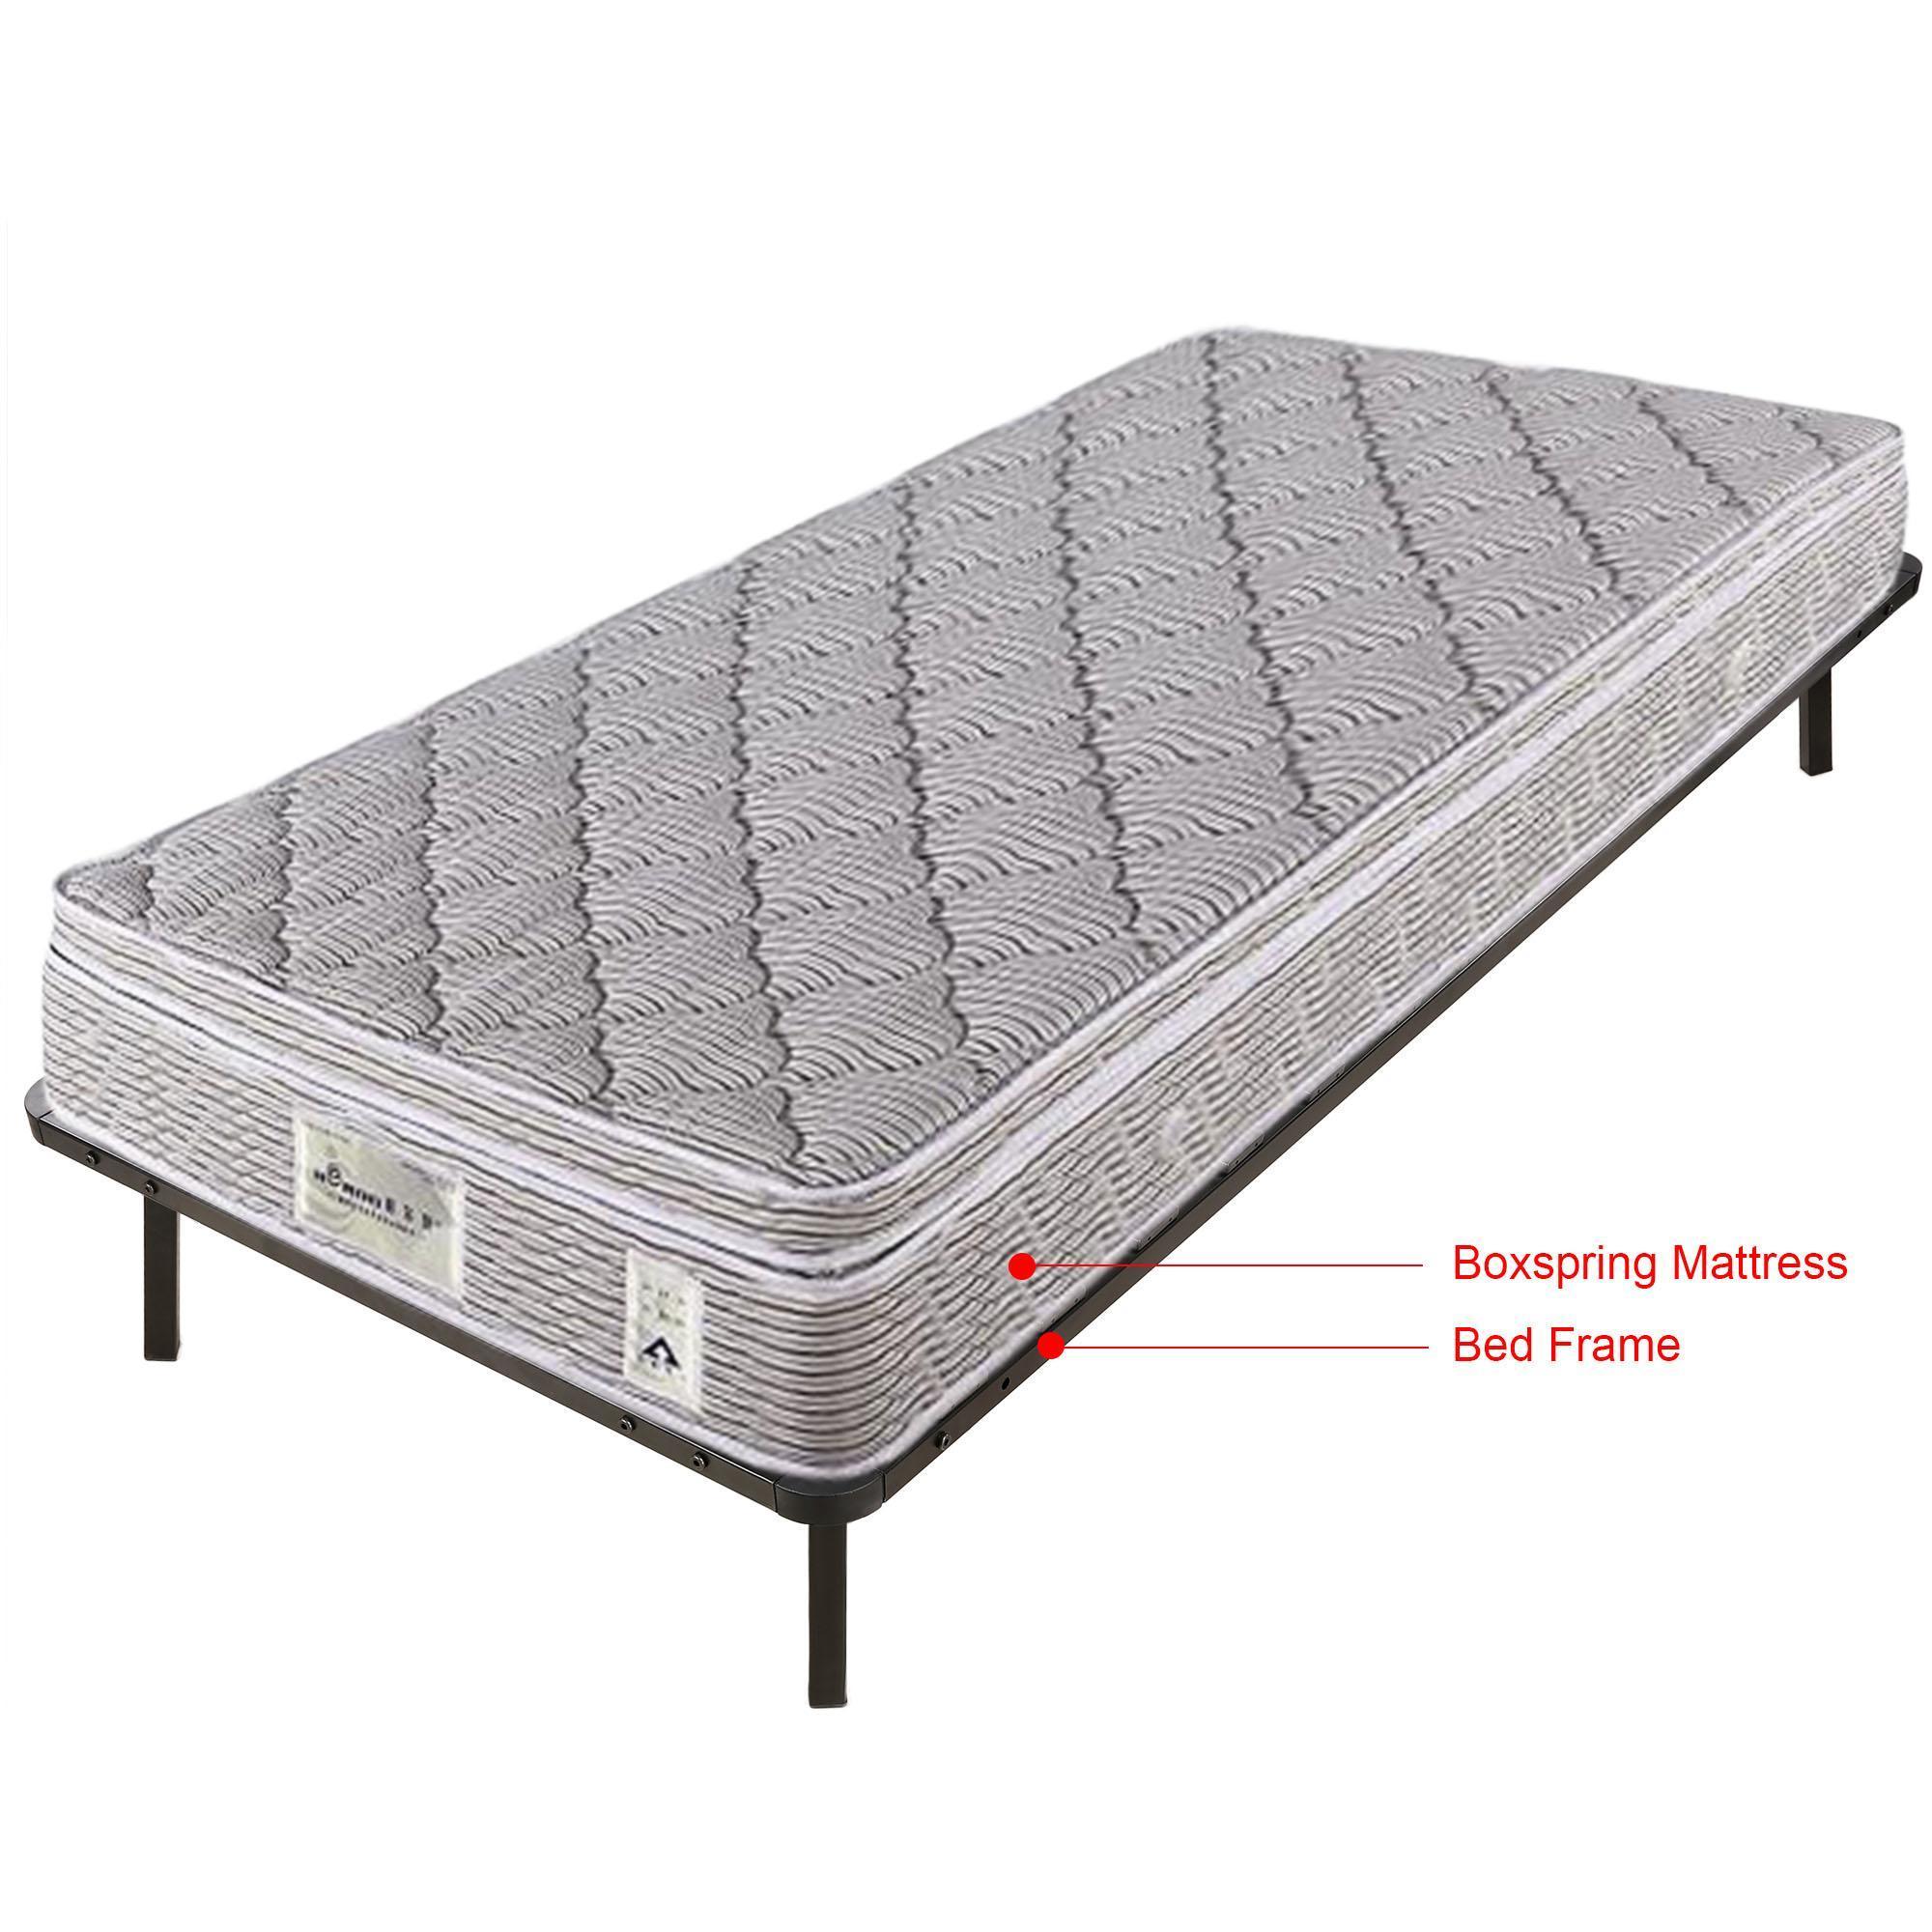 homdox lit bois lattes de sommier m tallique meubles de chambre coucher twin extra long. Black Bedroom Furniture Sets. Home Design Ideas